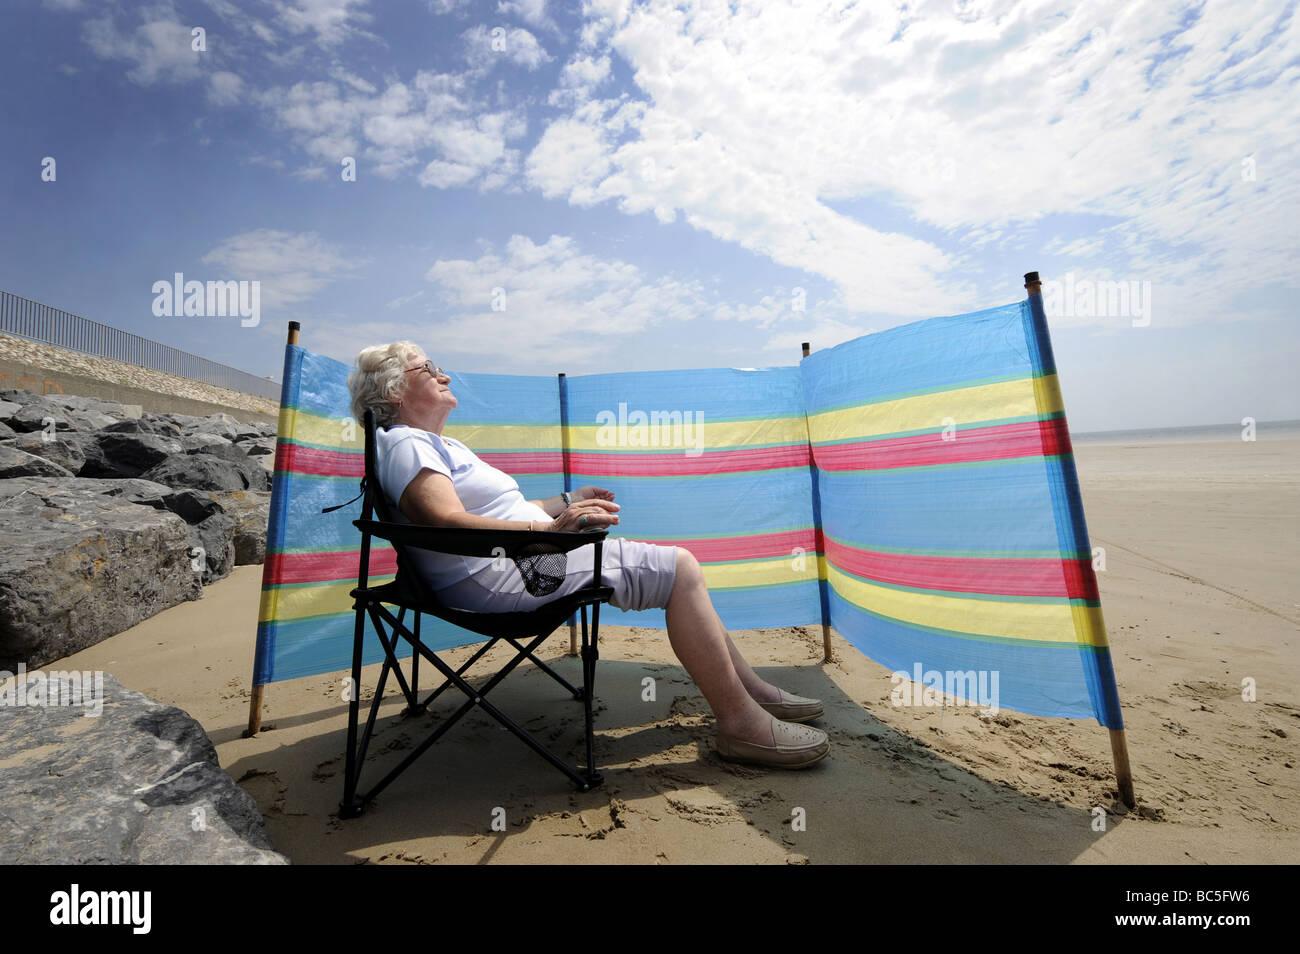 Un viejo pensionista goza de sol en una playa británica con ANORAK RE OAPS pensionistas de jubilación VACACIONES Foto de stock